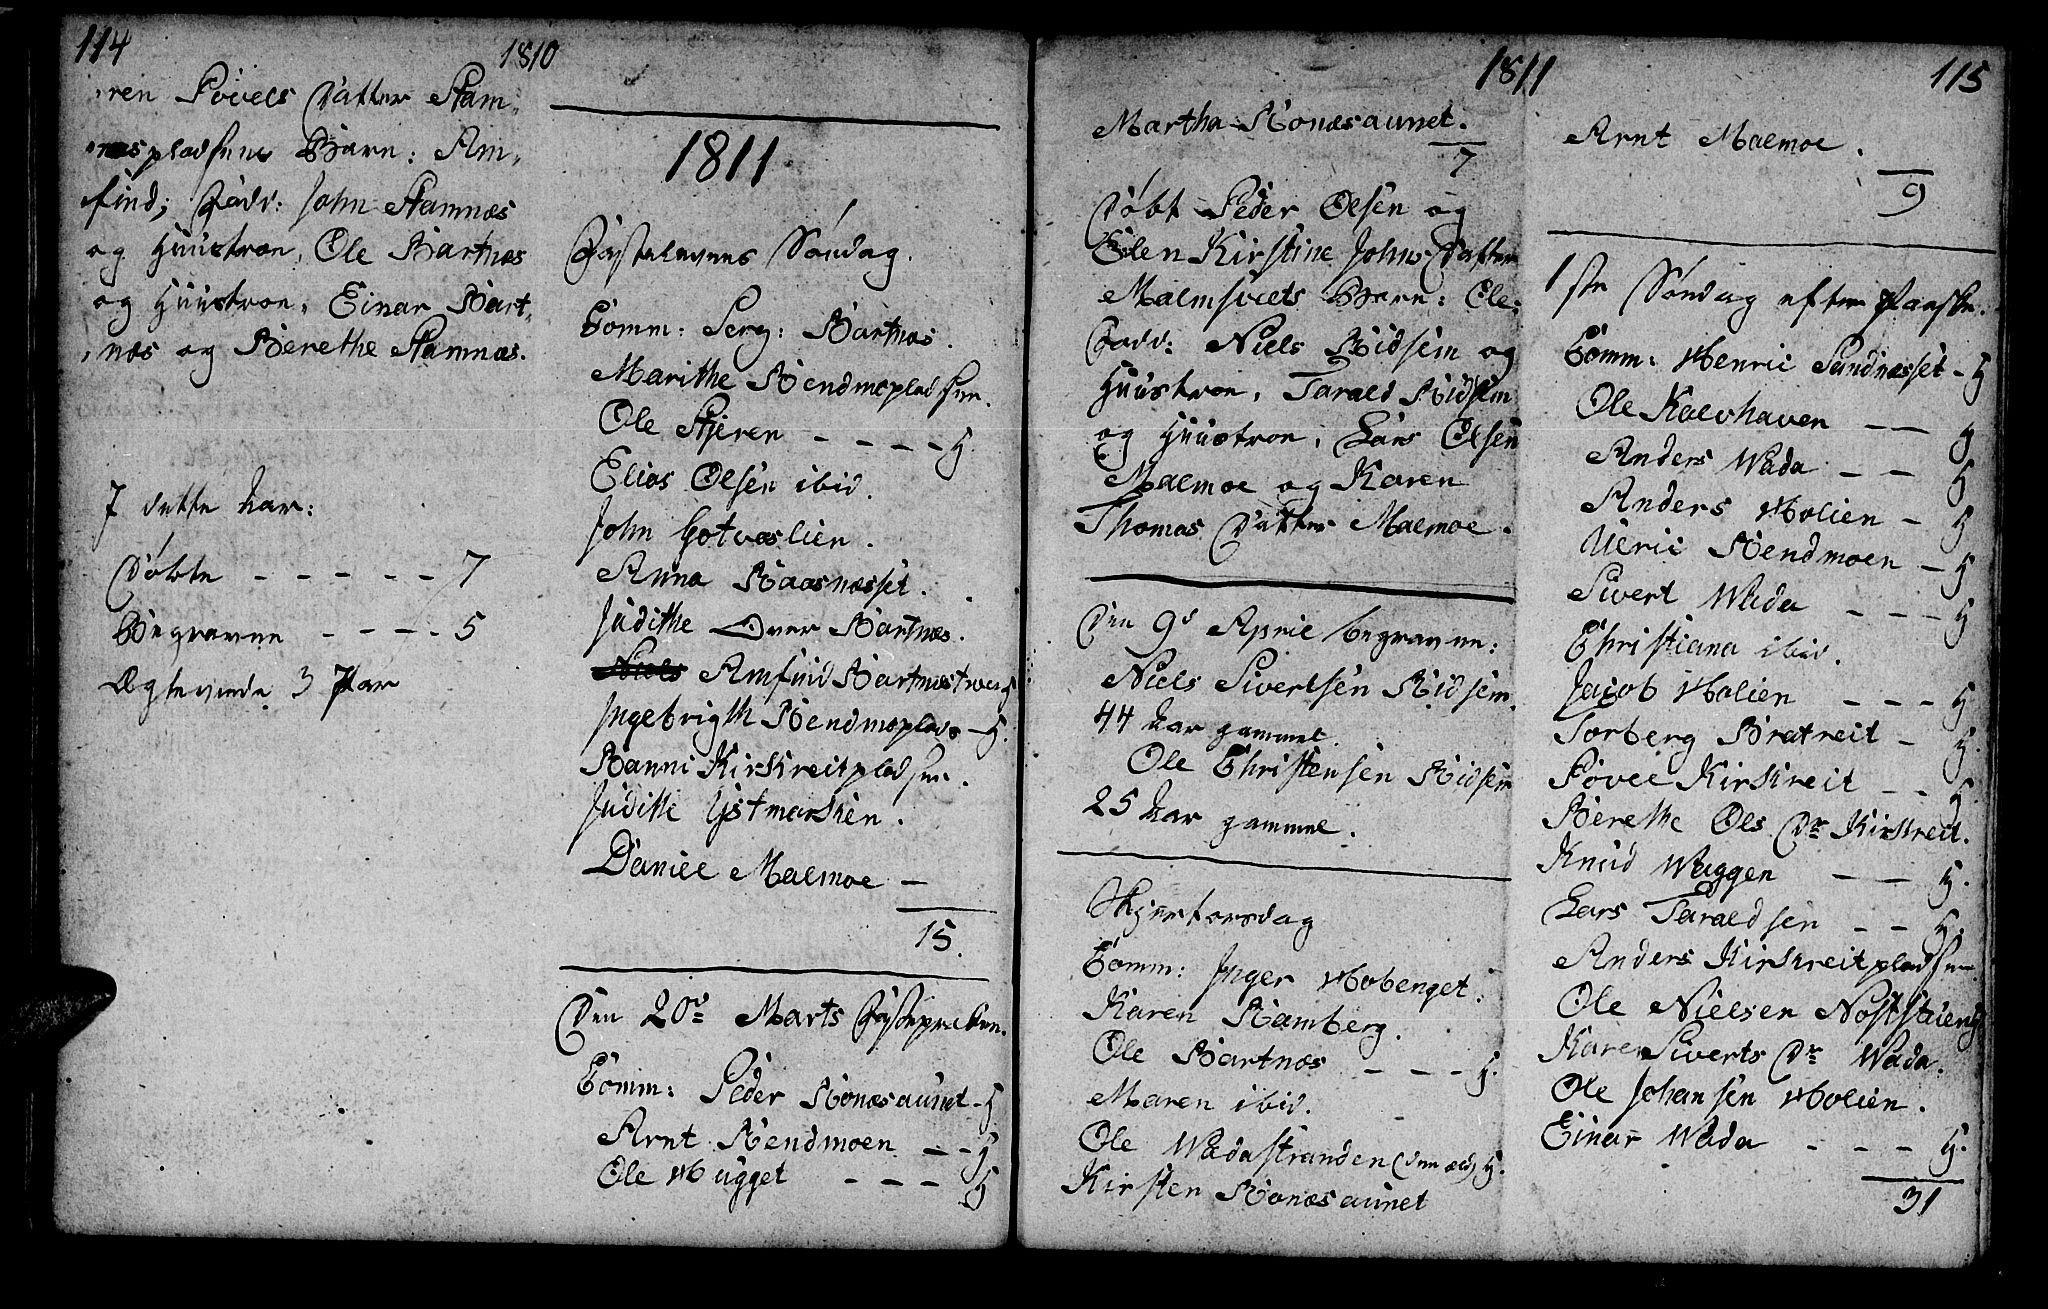 SAT, Ministerialprotokoller, klokkerbøker og fødselsregistre - Nord-Trøndelag, 745/L0432: Klokkerbok nr. 745C01, 1802-1814, s. 114-115